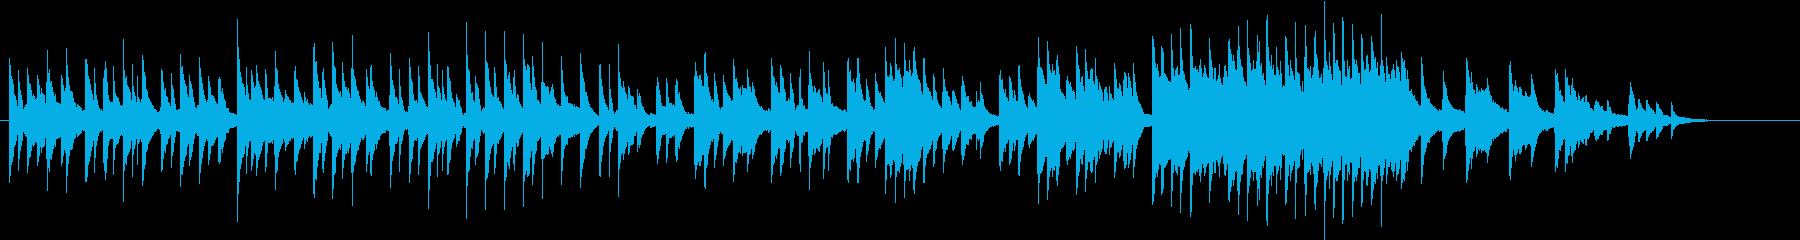 物語の始まりを思わせるピアノ小曲の再生済みの波形